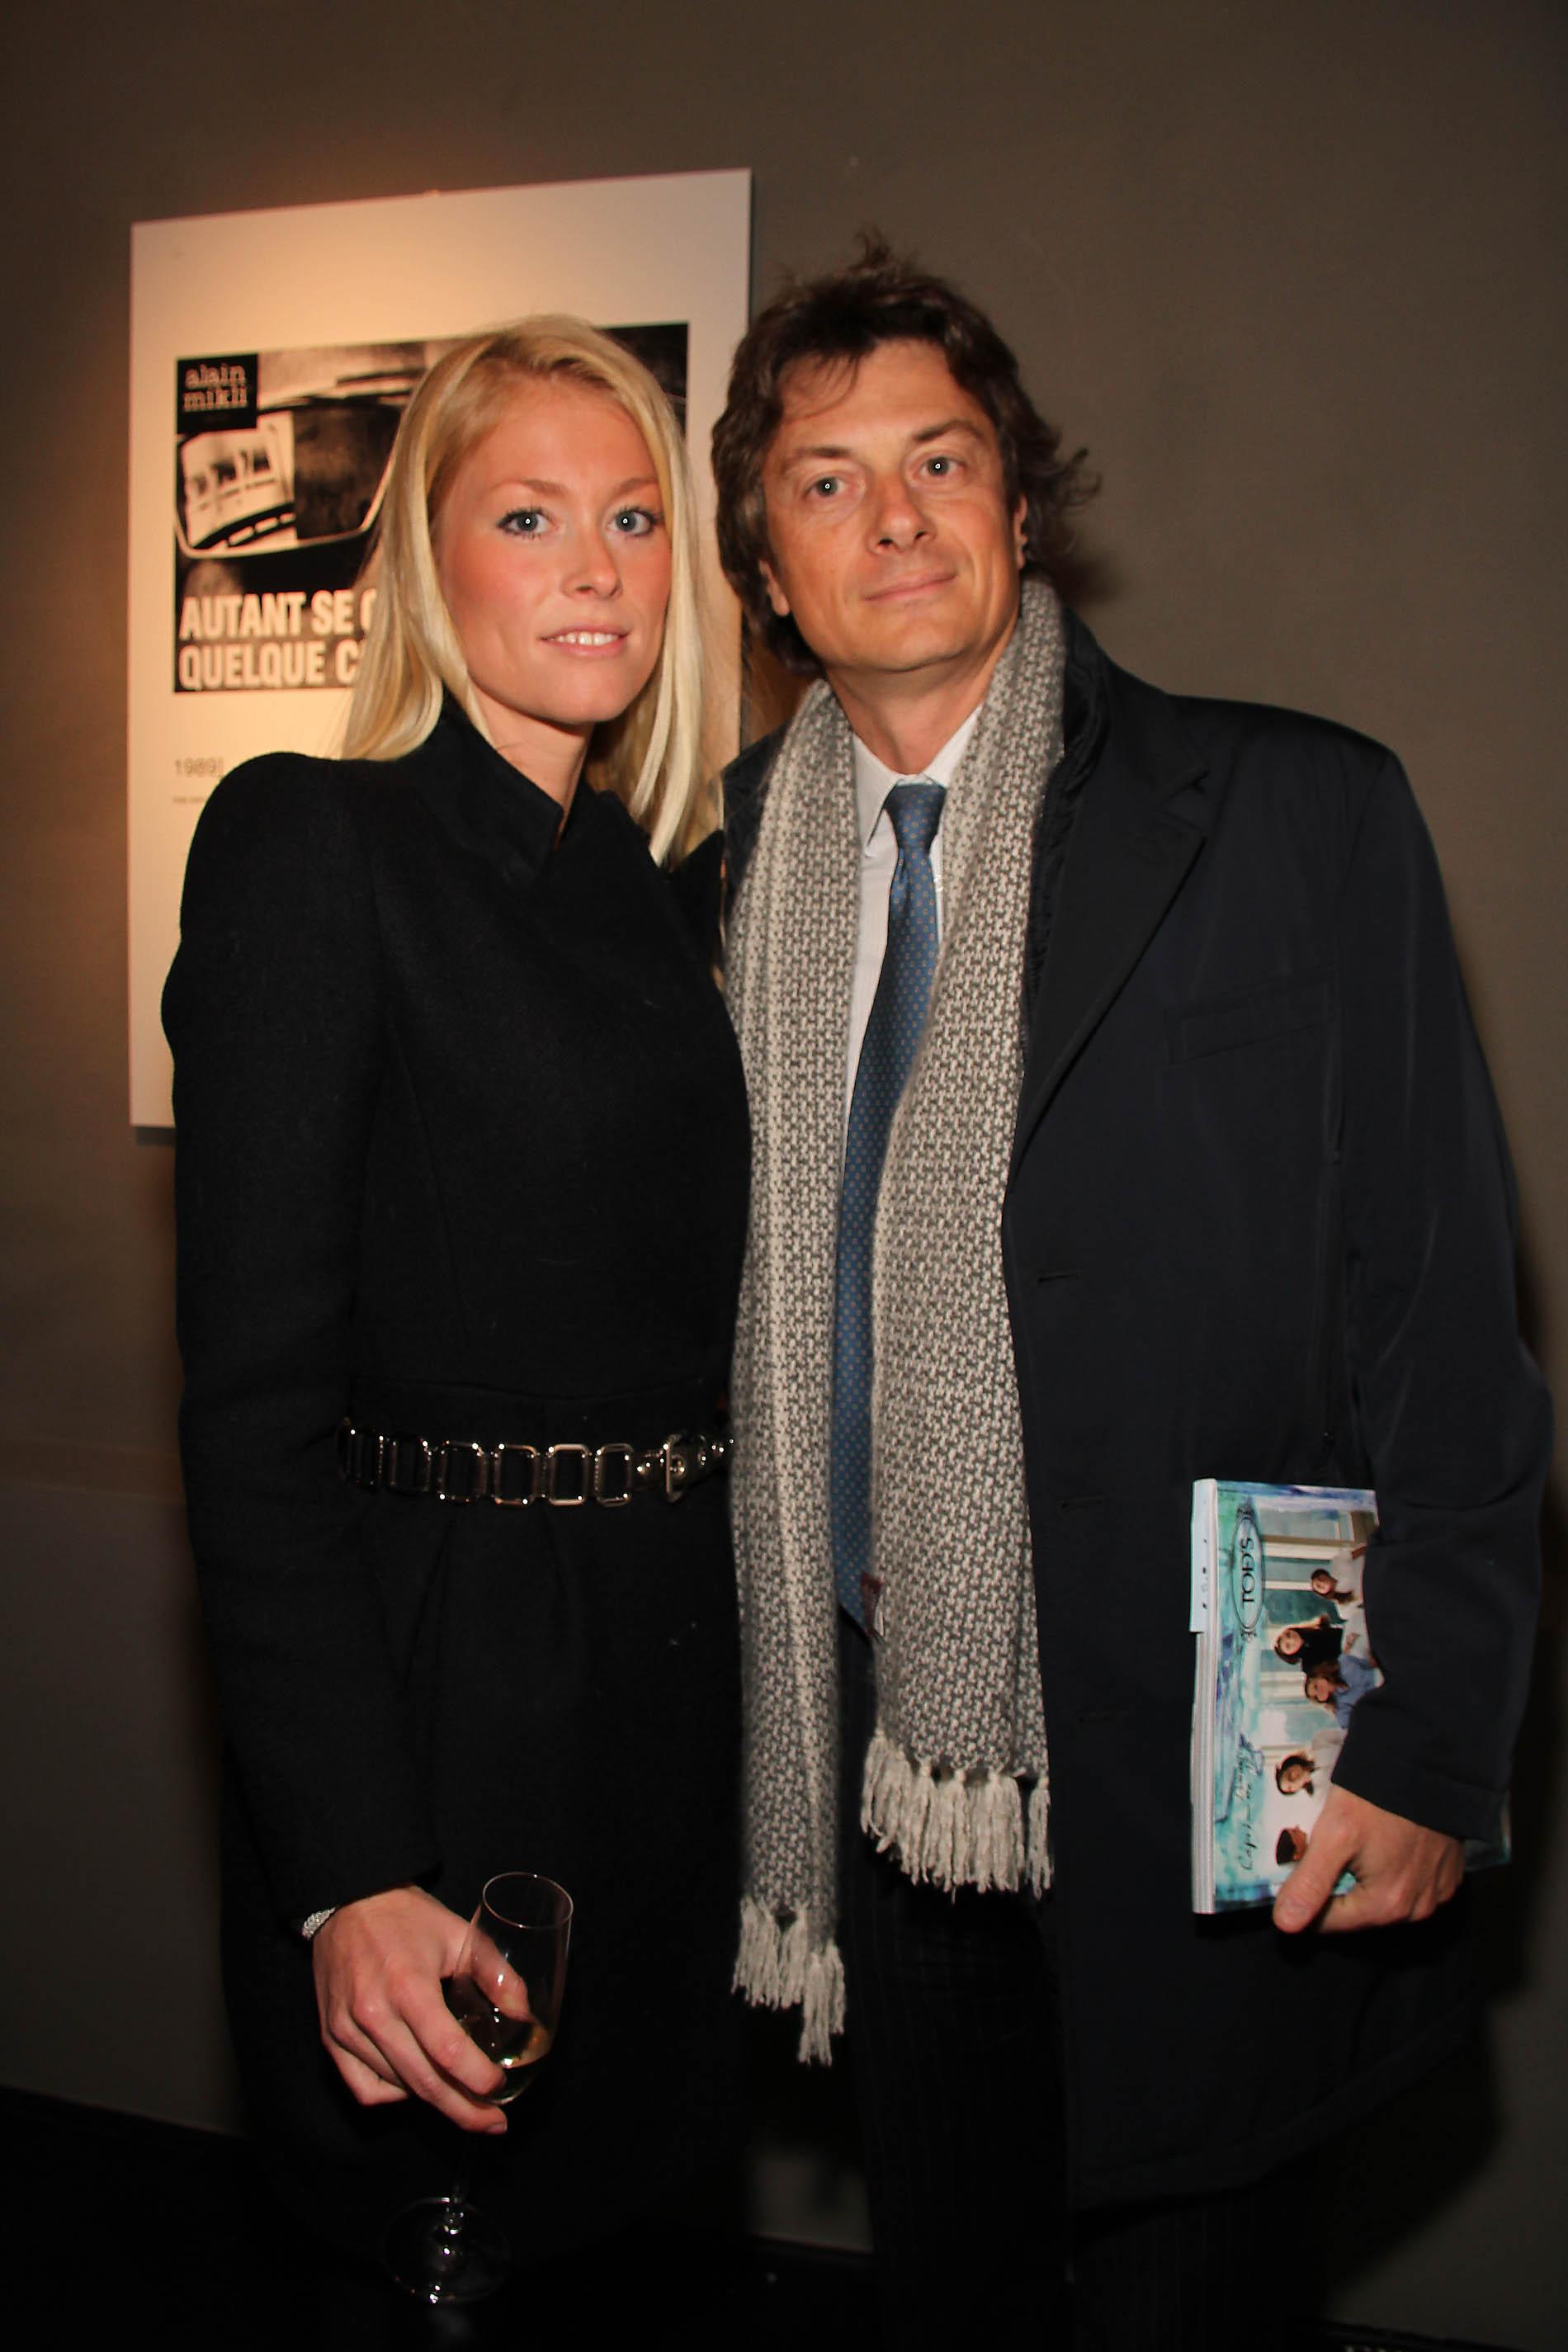 PRESSPHOTO Firenze, festa Firenze Magazine #13, For Gallery. Nella foto Marco Di Benedetto e Andrea Molander